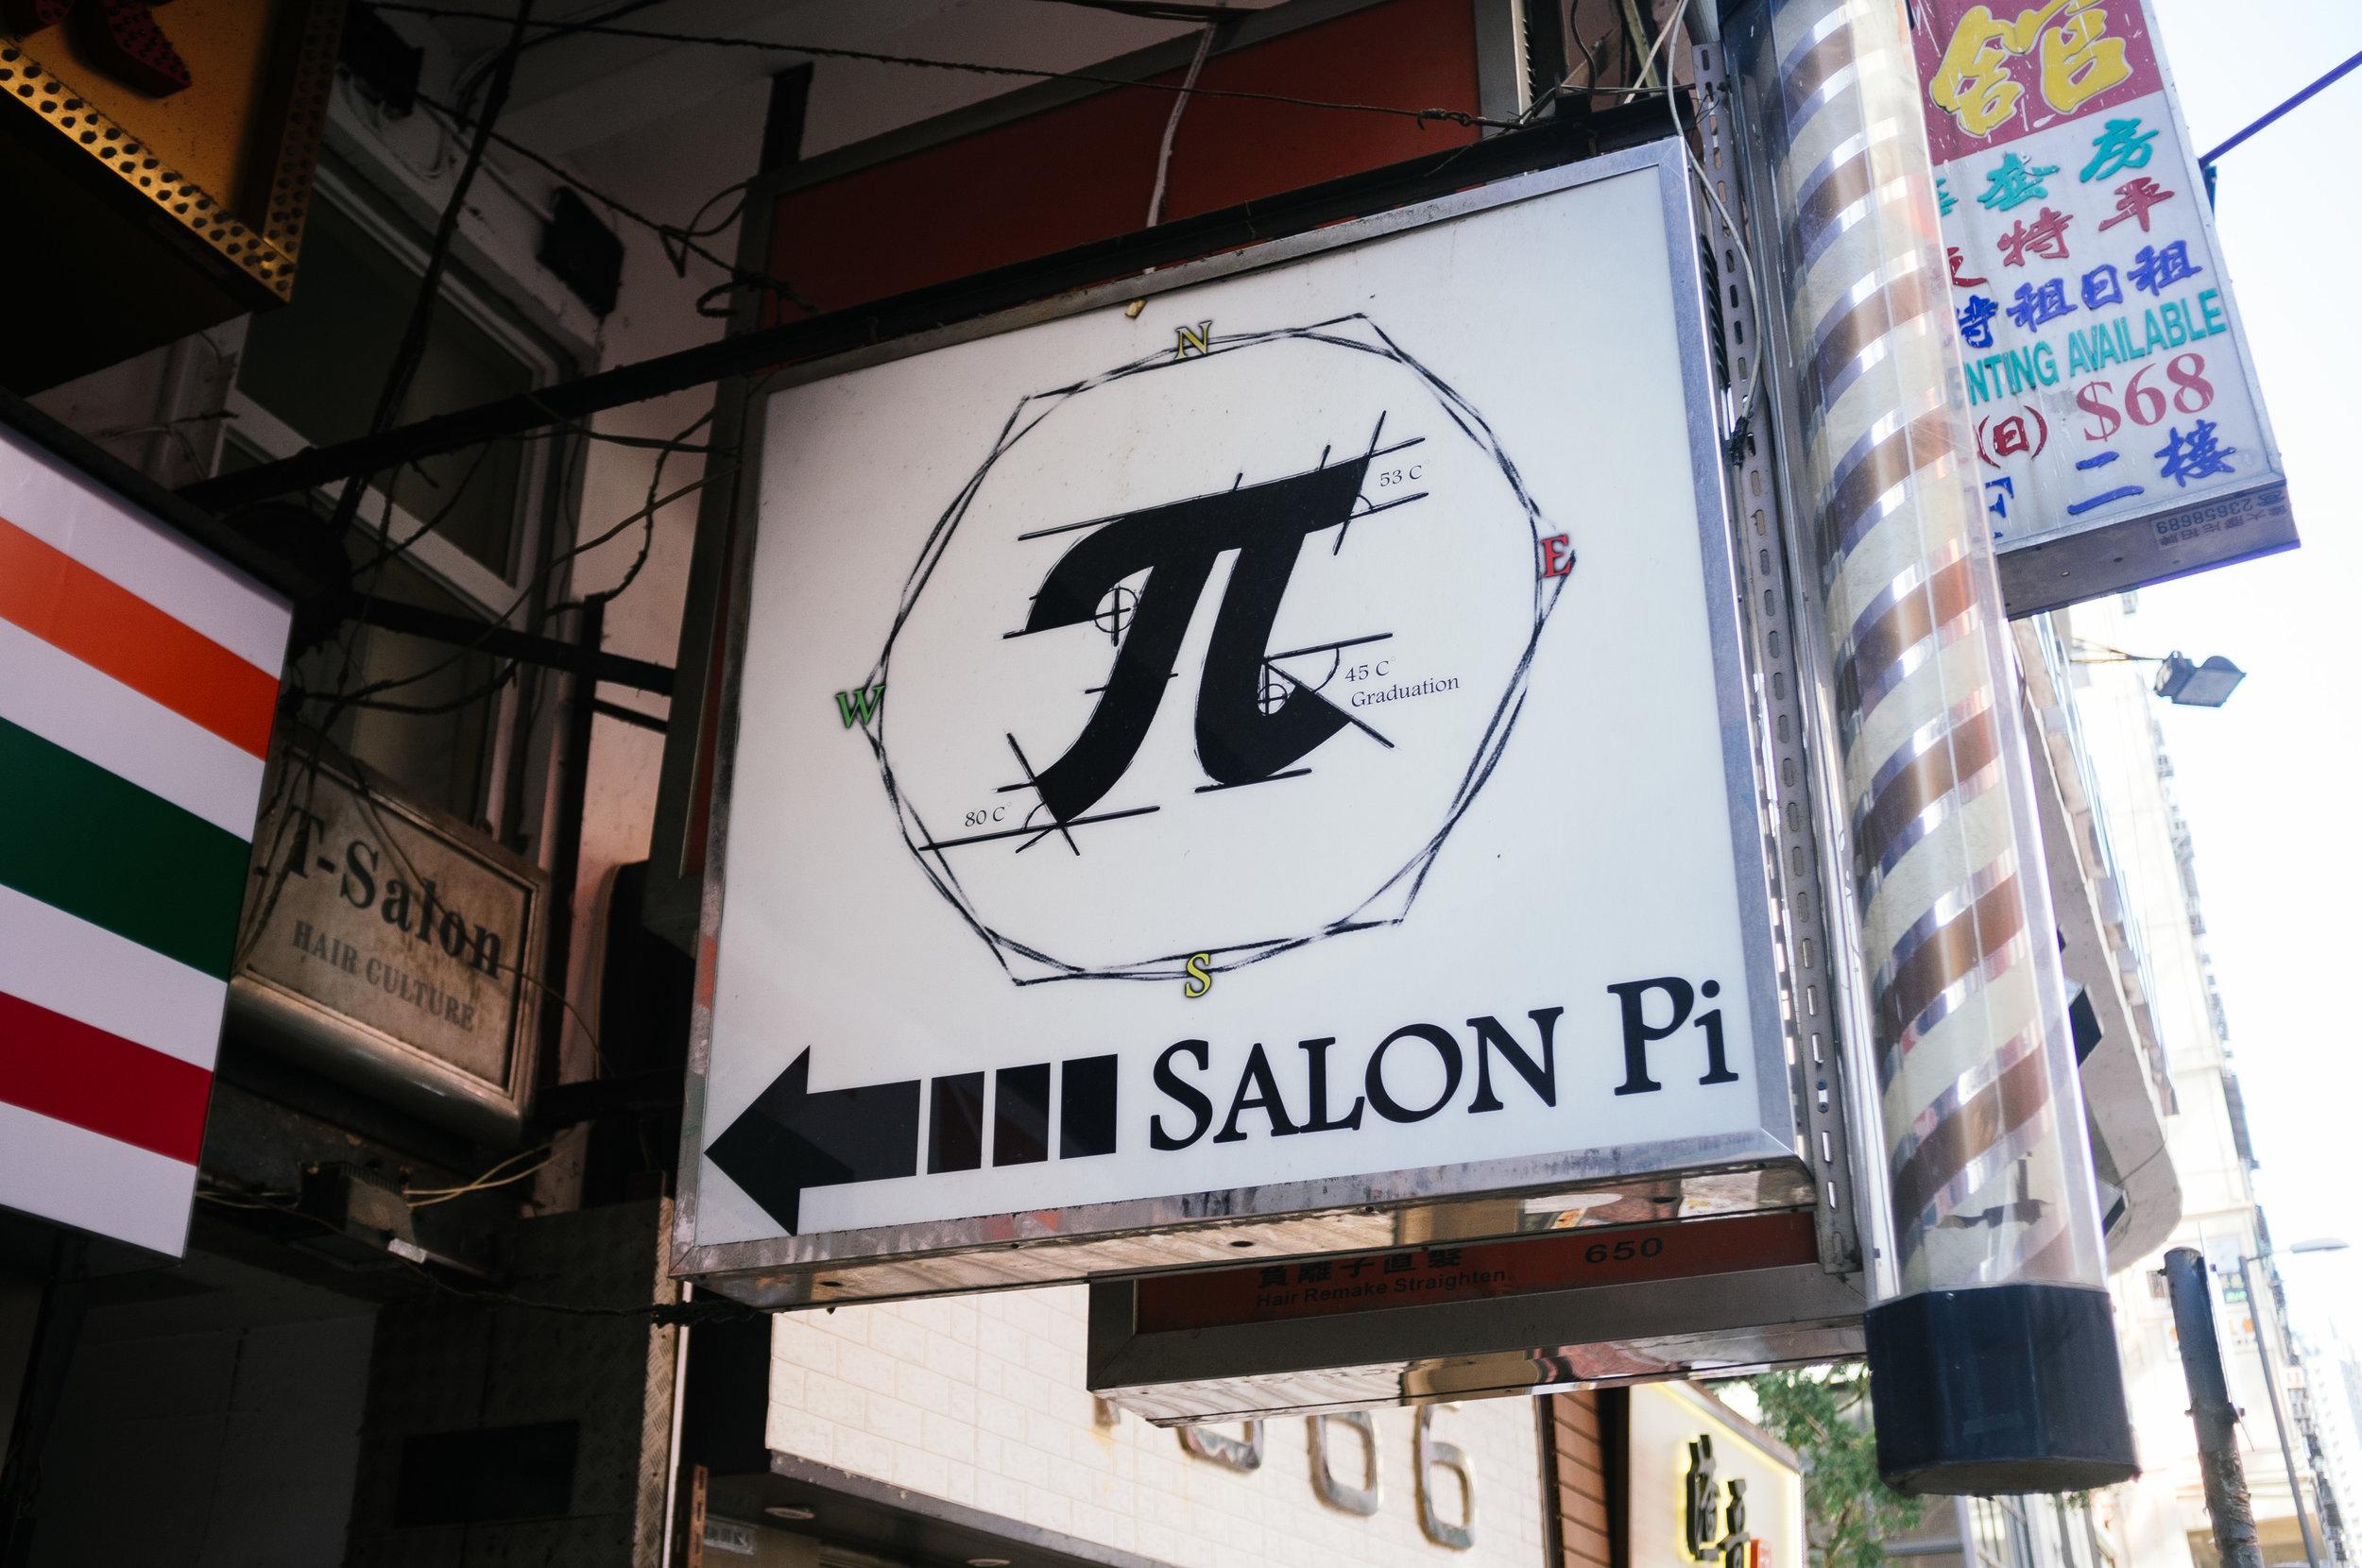 Mong Kok Pi.jpg